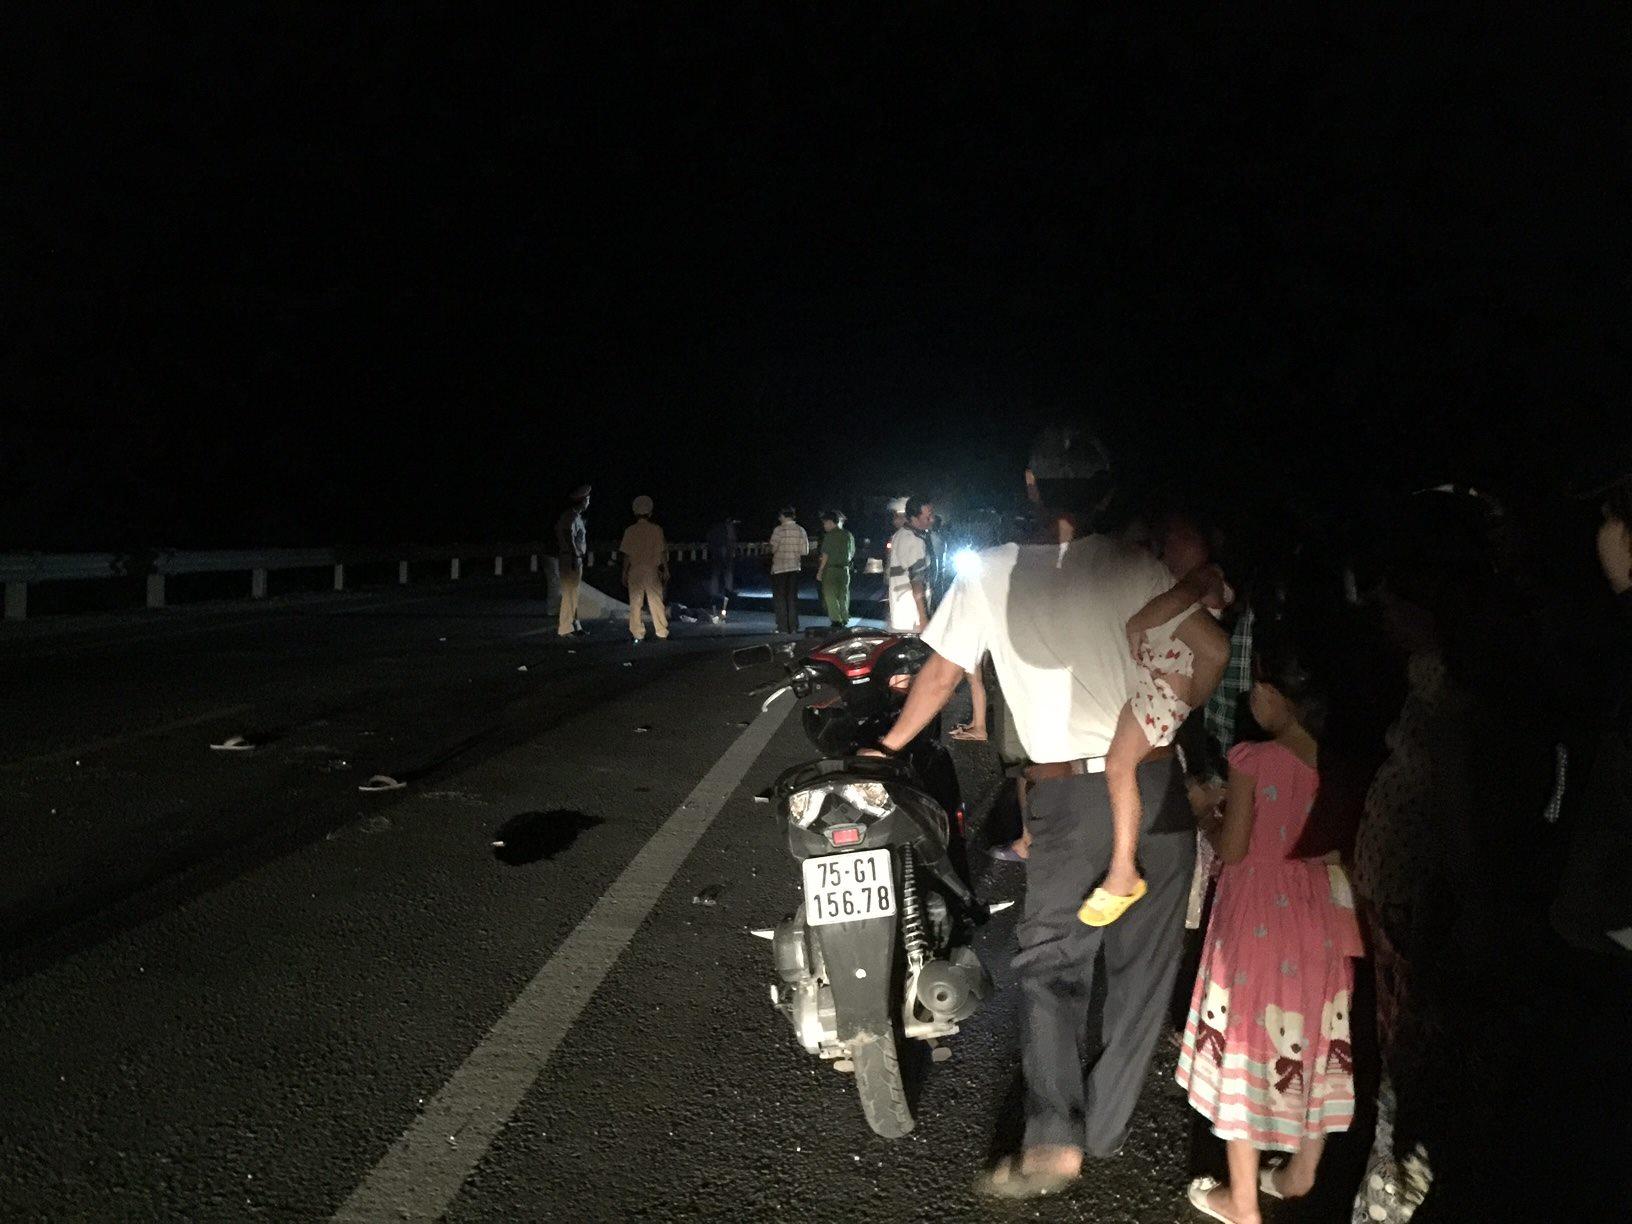 Tai nạn giao thông: Cô gái trẻ bất ngờ bị xe tải tông, văng xa hàng chục mét